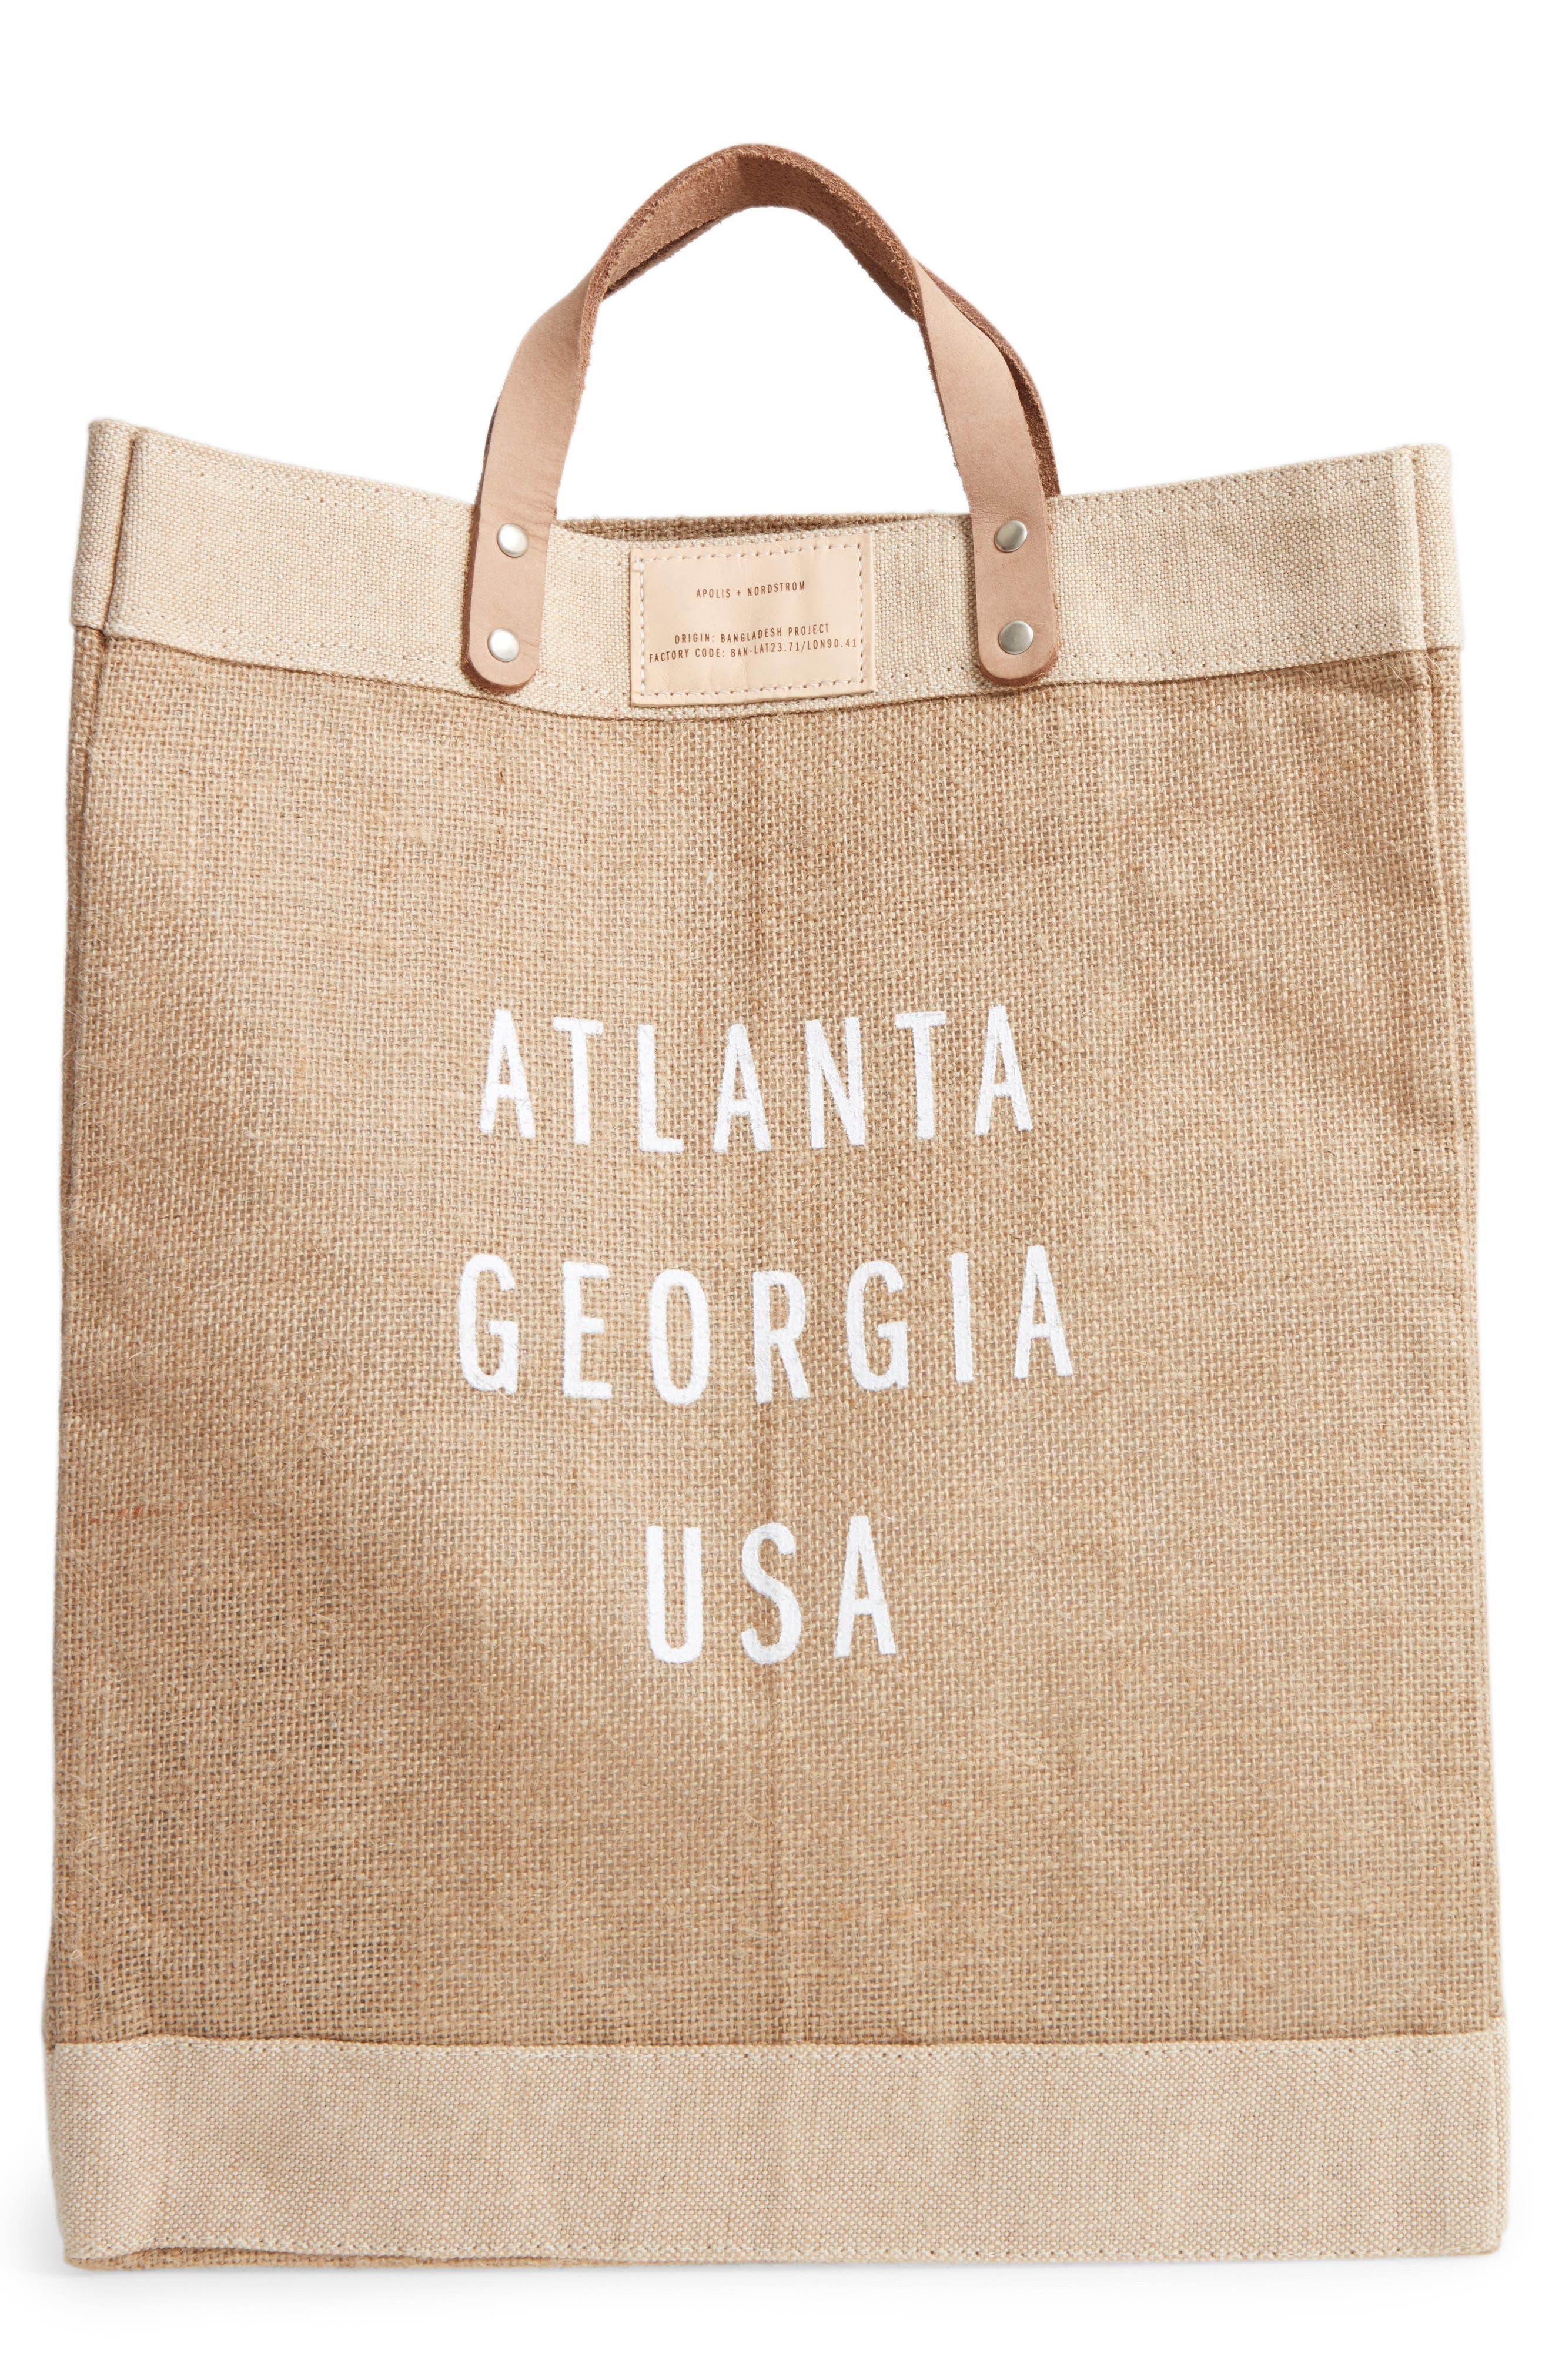 Apolis Market Bag